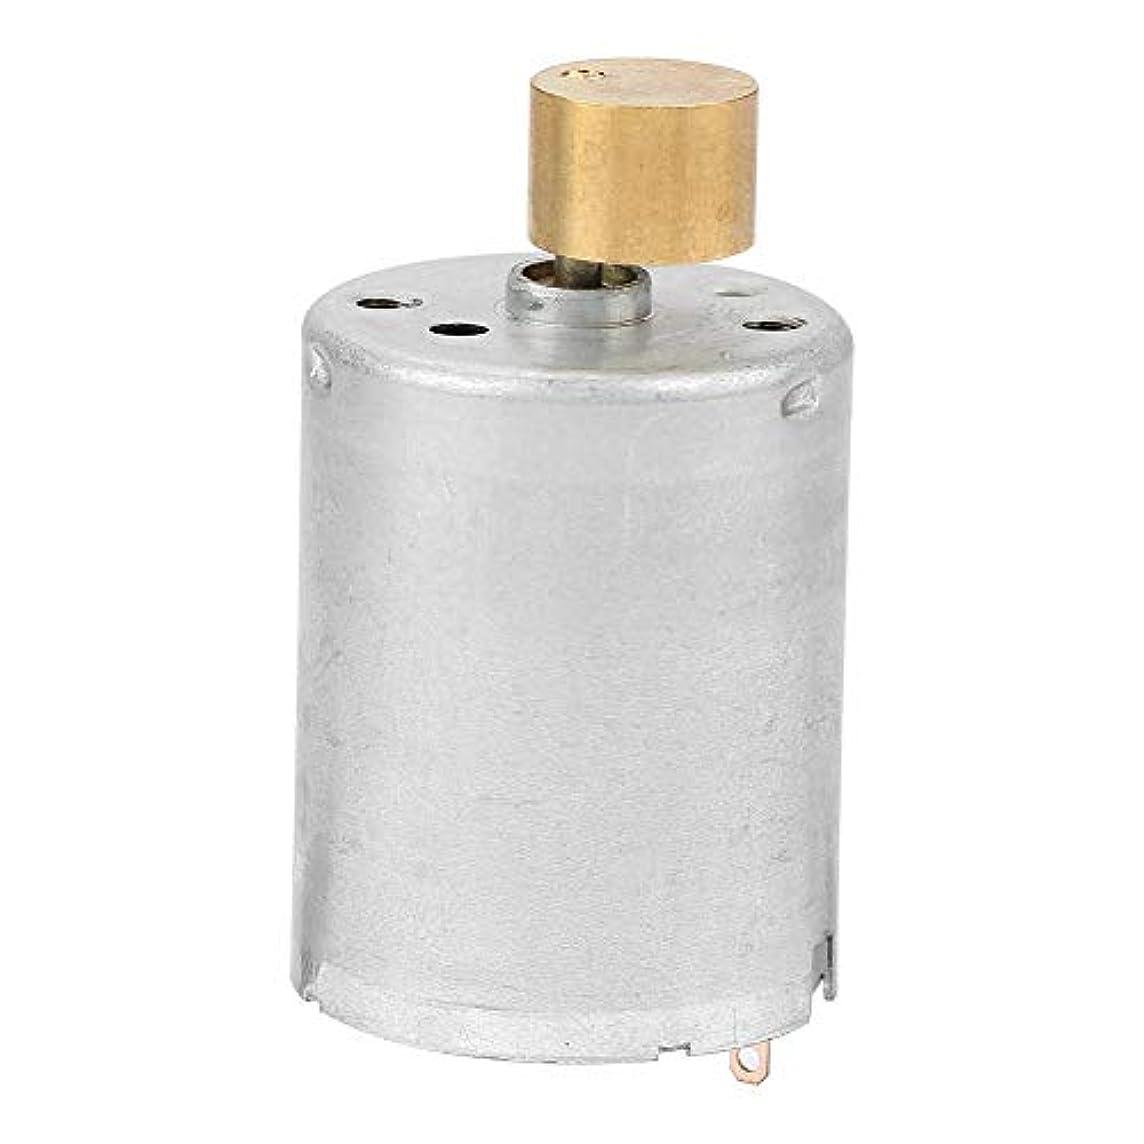 前提条件プレゼンター発信振動モーター、RF370 DCマッサージ装置用ミニ強力振動振動モーター12V